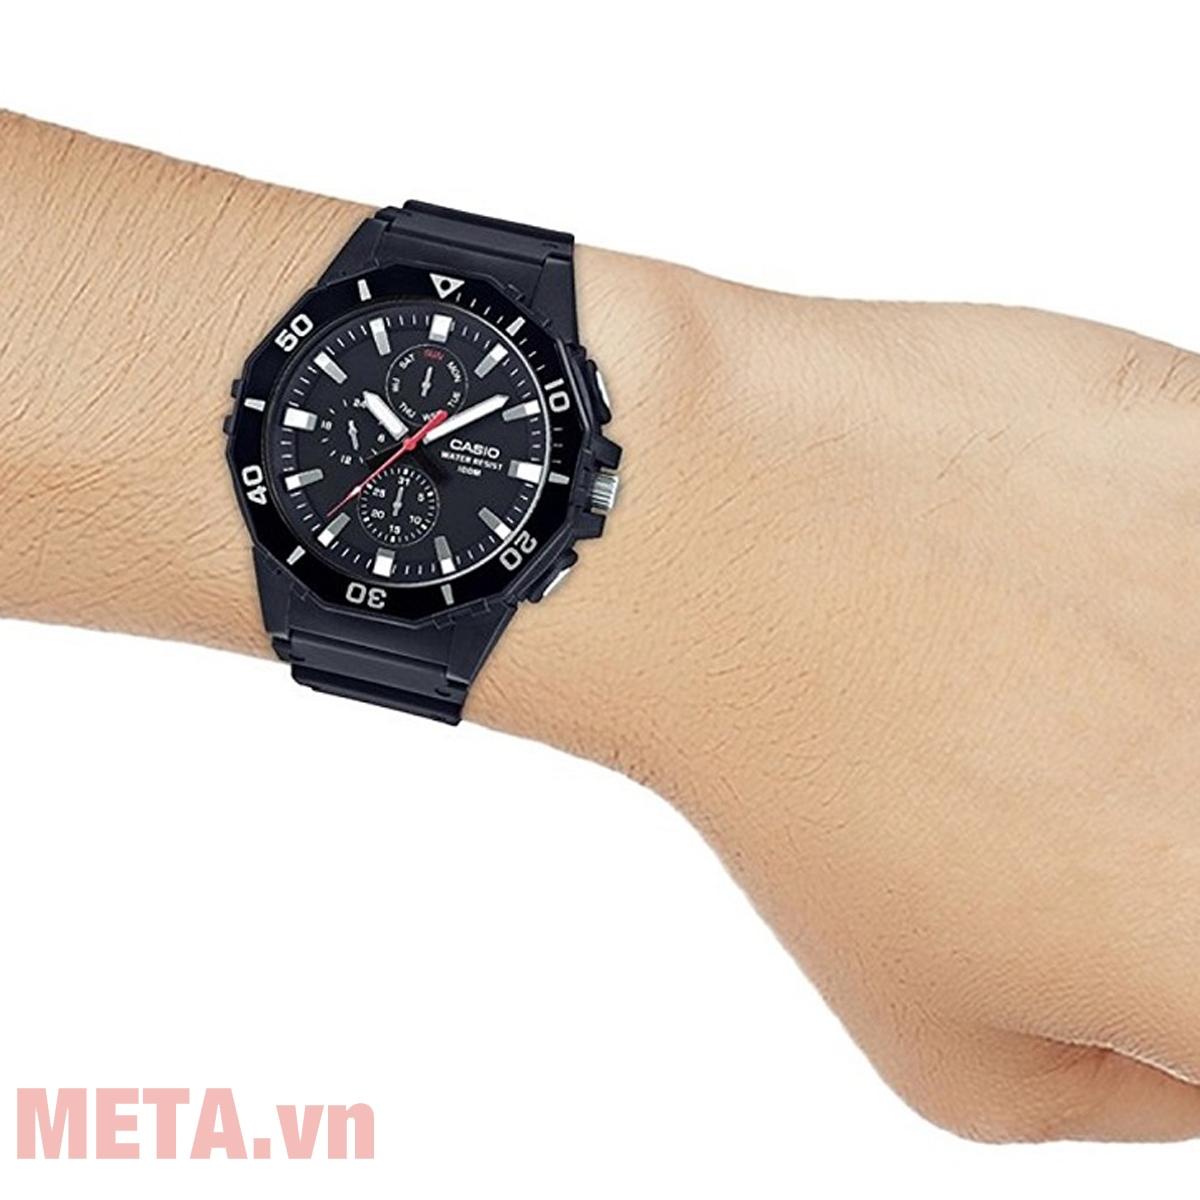 Đồng hồ Casio MRW-400H-9AVDF thời trang, năng động